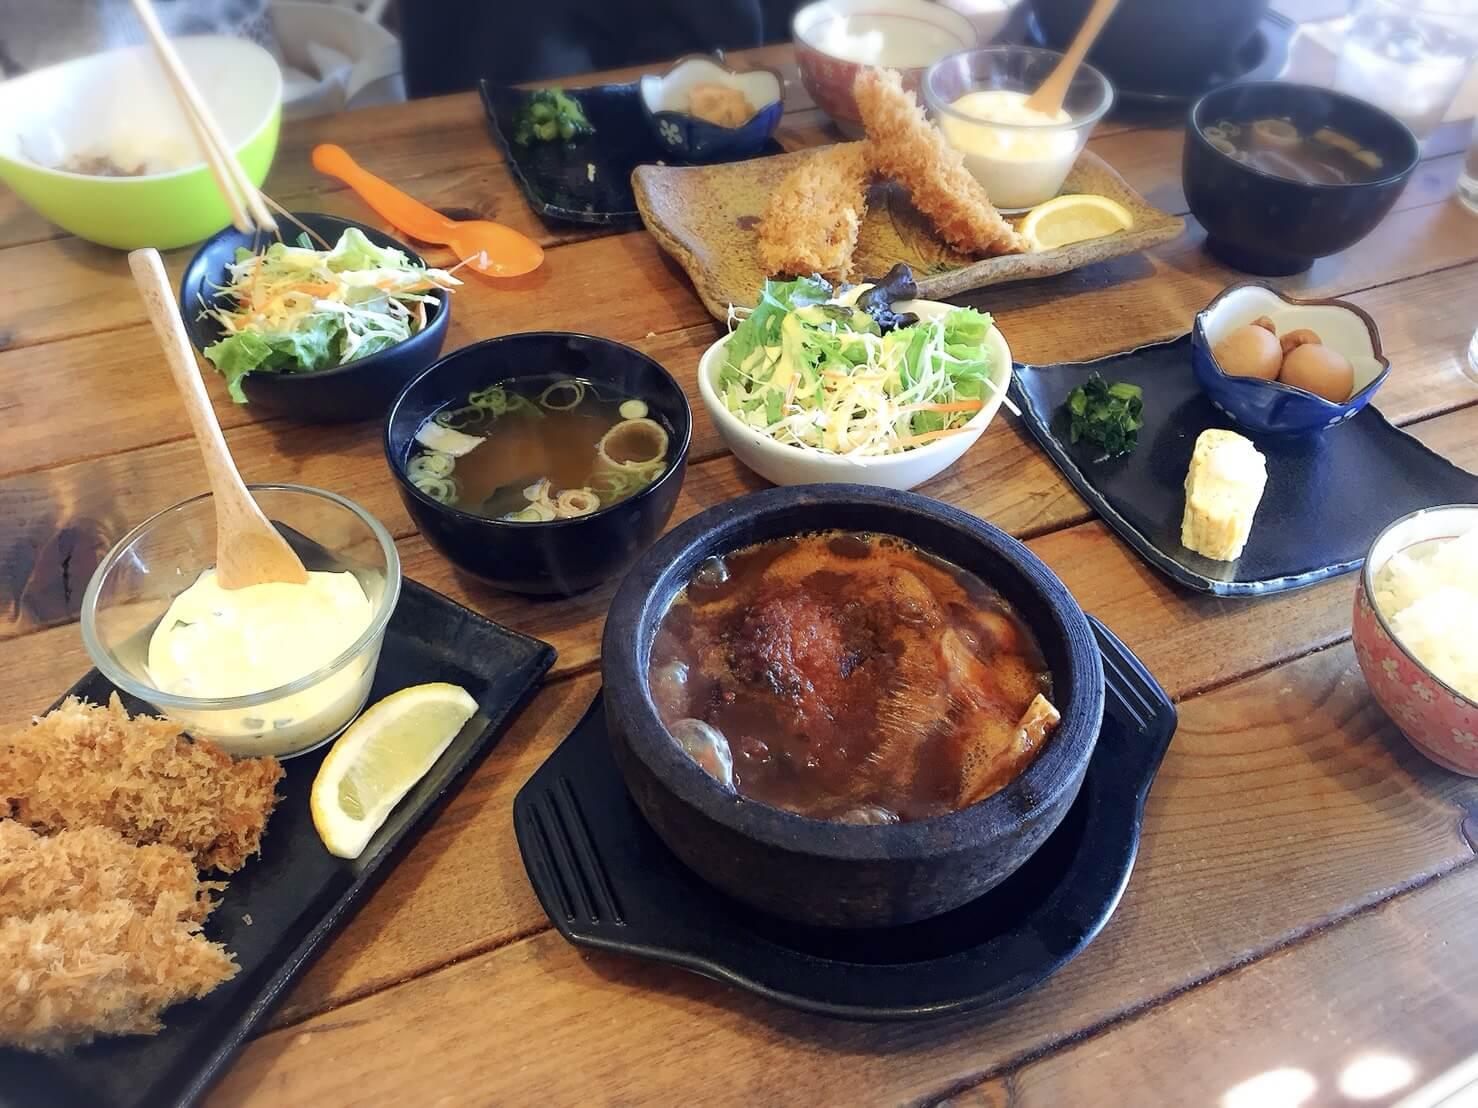 高槻市富田ランチにはる遊食堂の石焼ハンバーグ&海老フライが絶品です